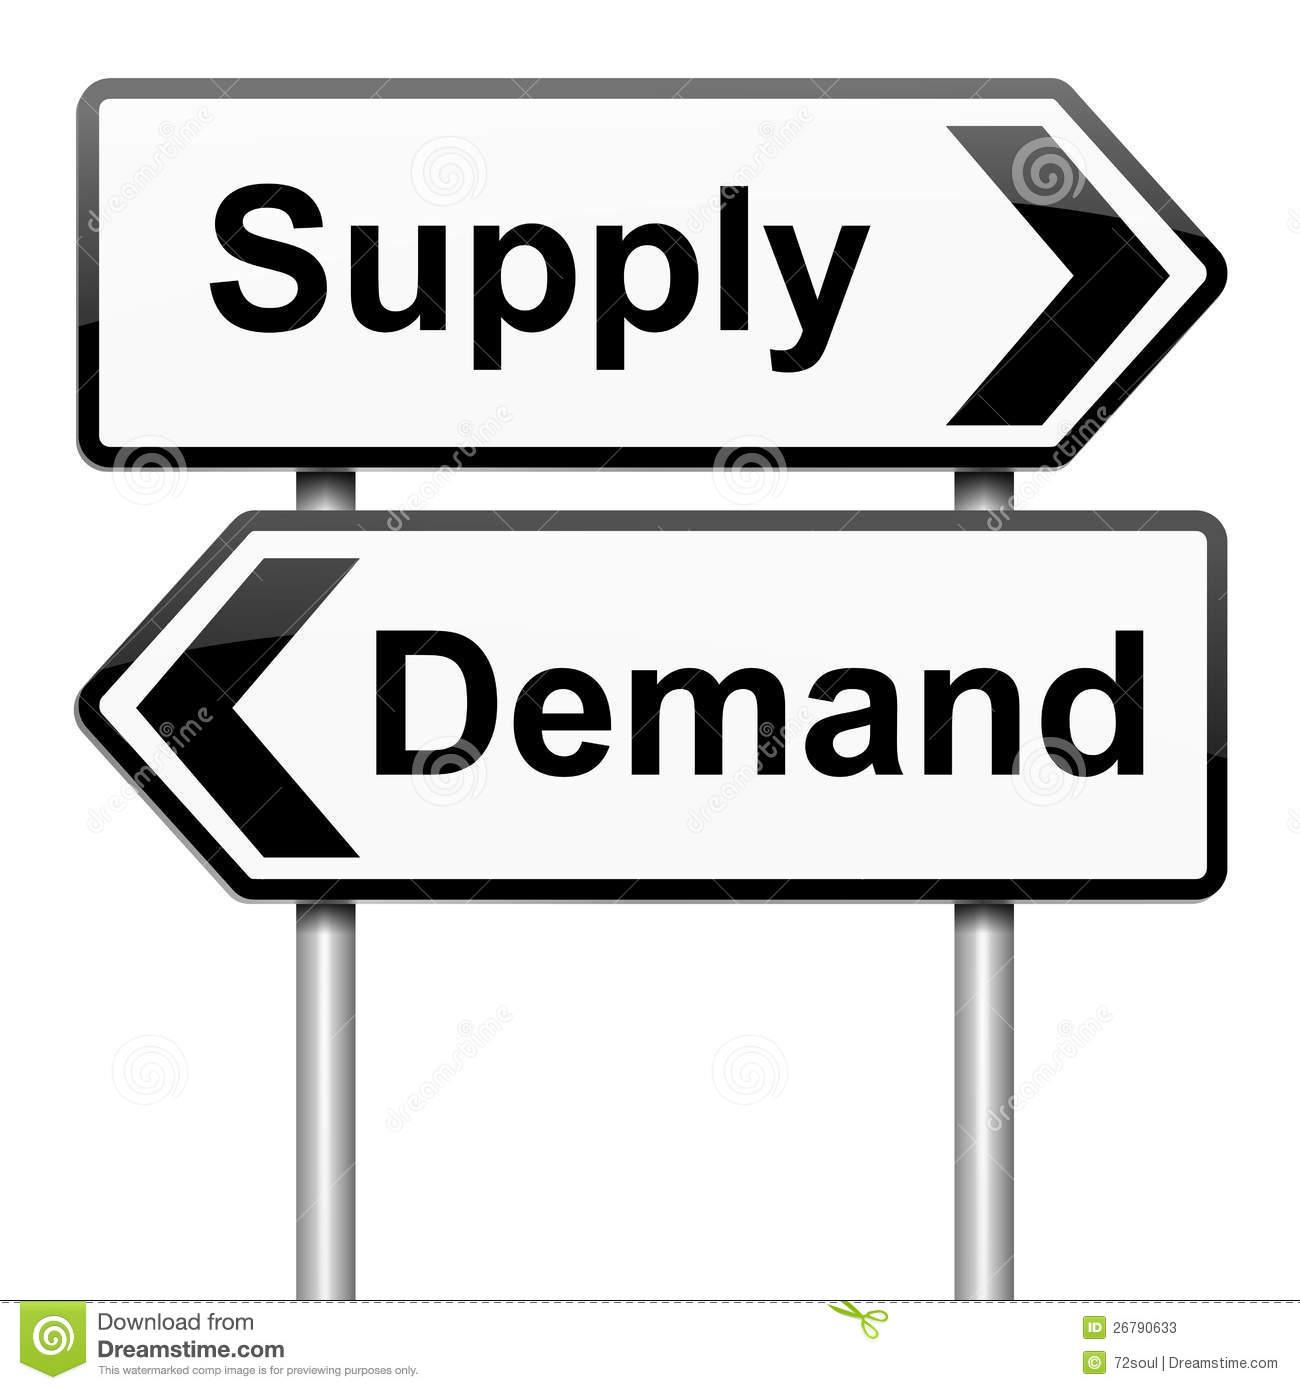 Angebot und nachfrage clipart. Stock illustrationen vektors klipart